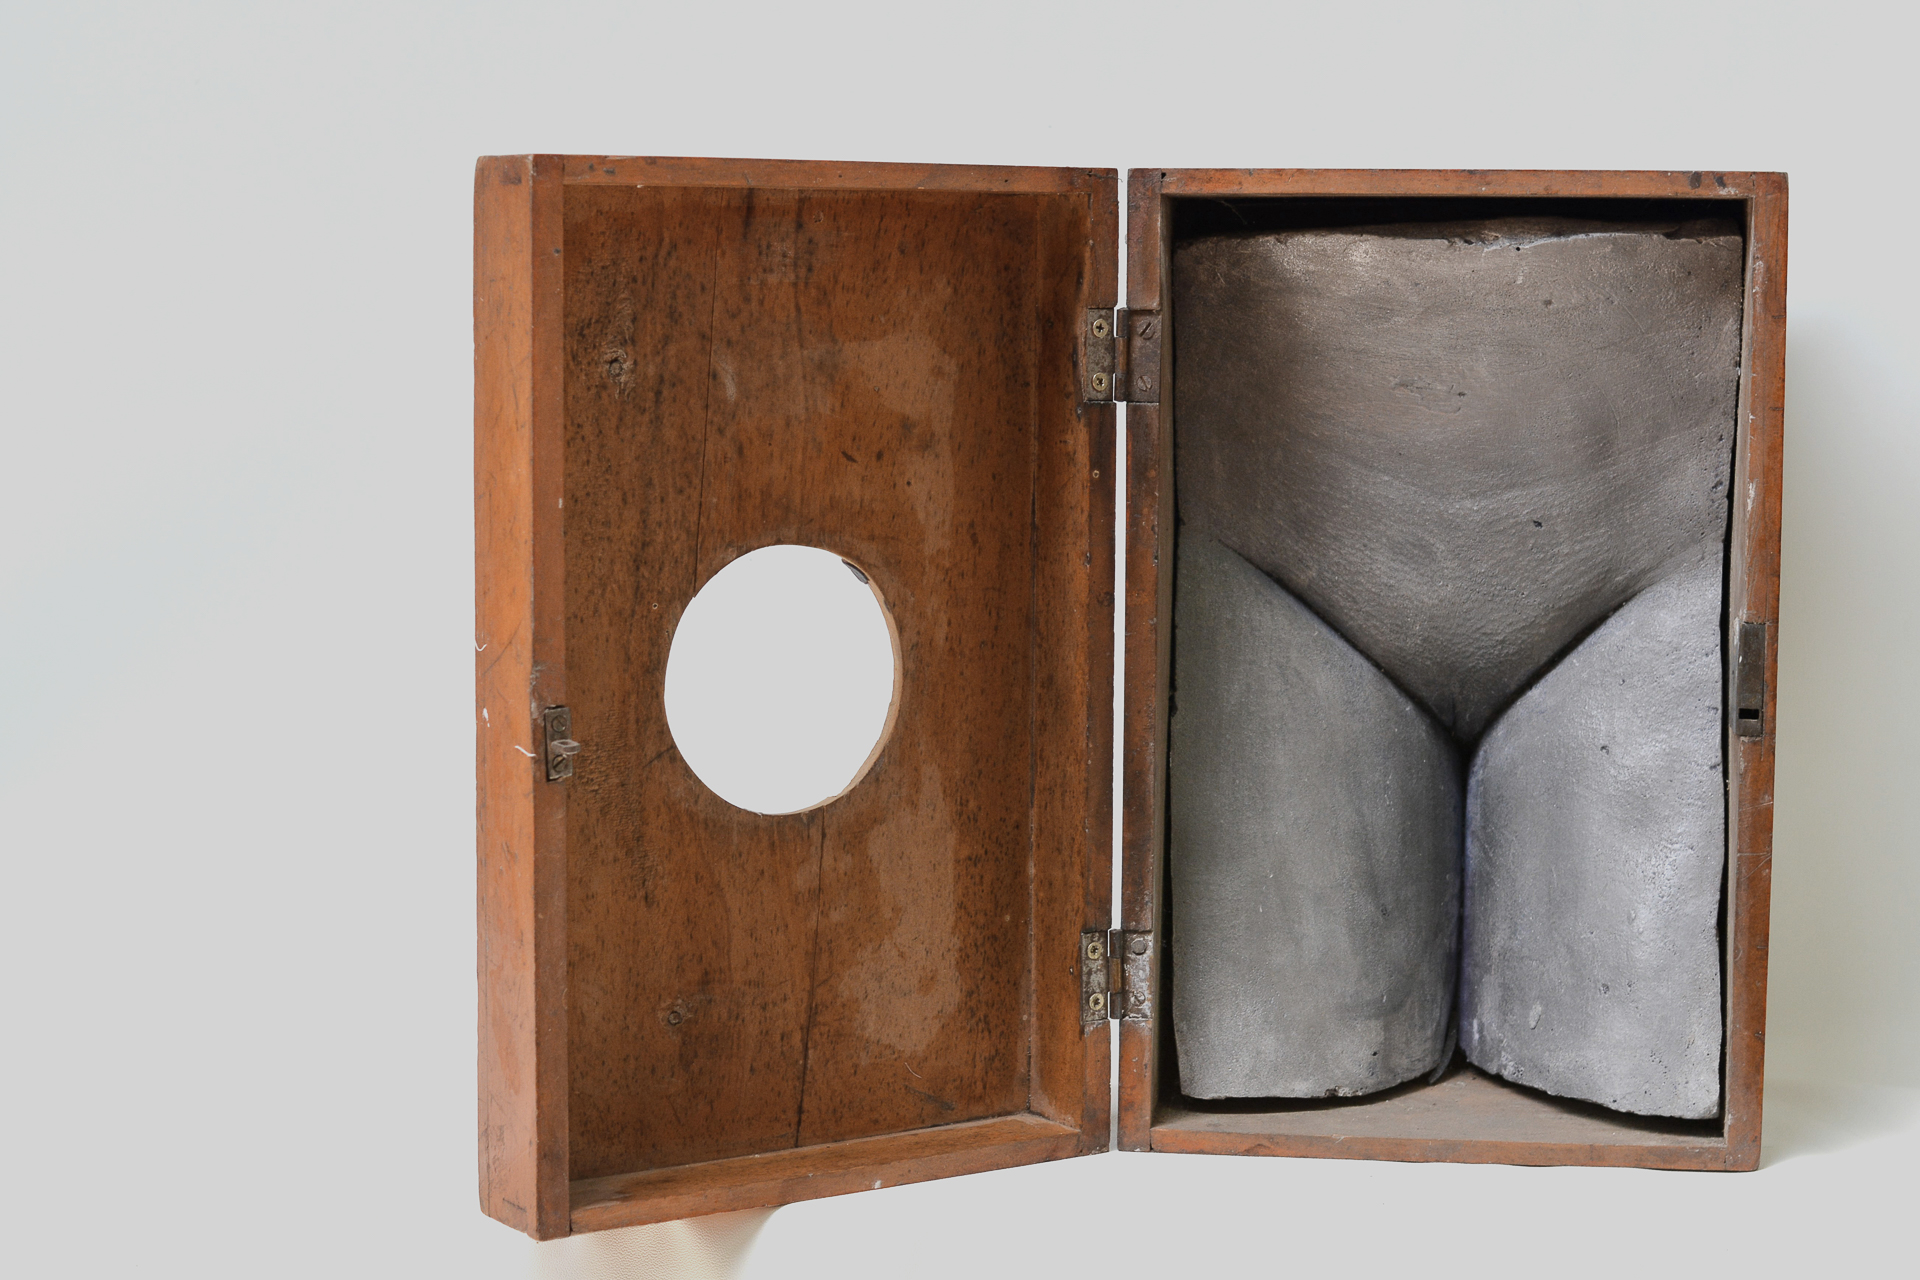 37. Caja con cuerpo en yeso